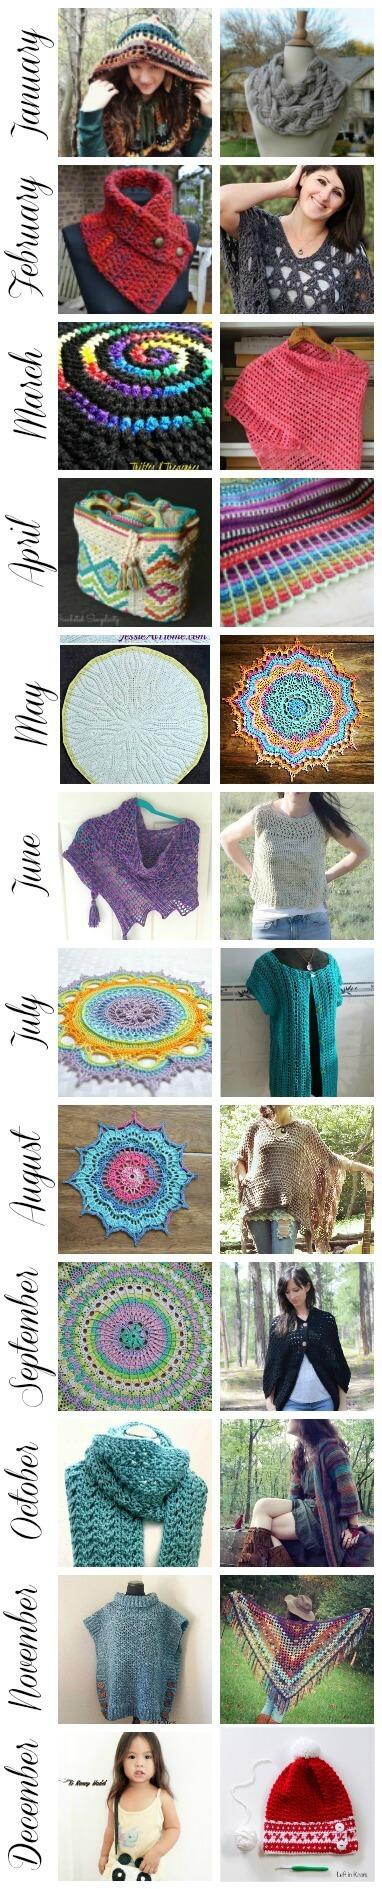 Best of Hookin' on Hump Day 2016 | www.petalstopicots.com | #crochet #fiber #knit